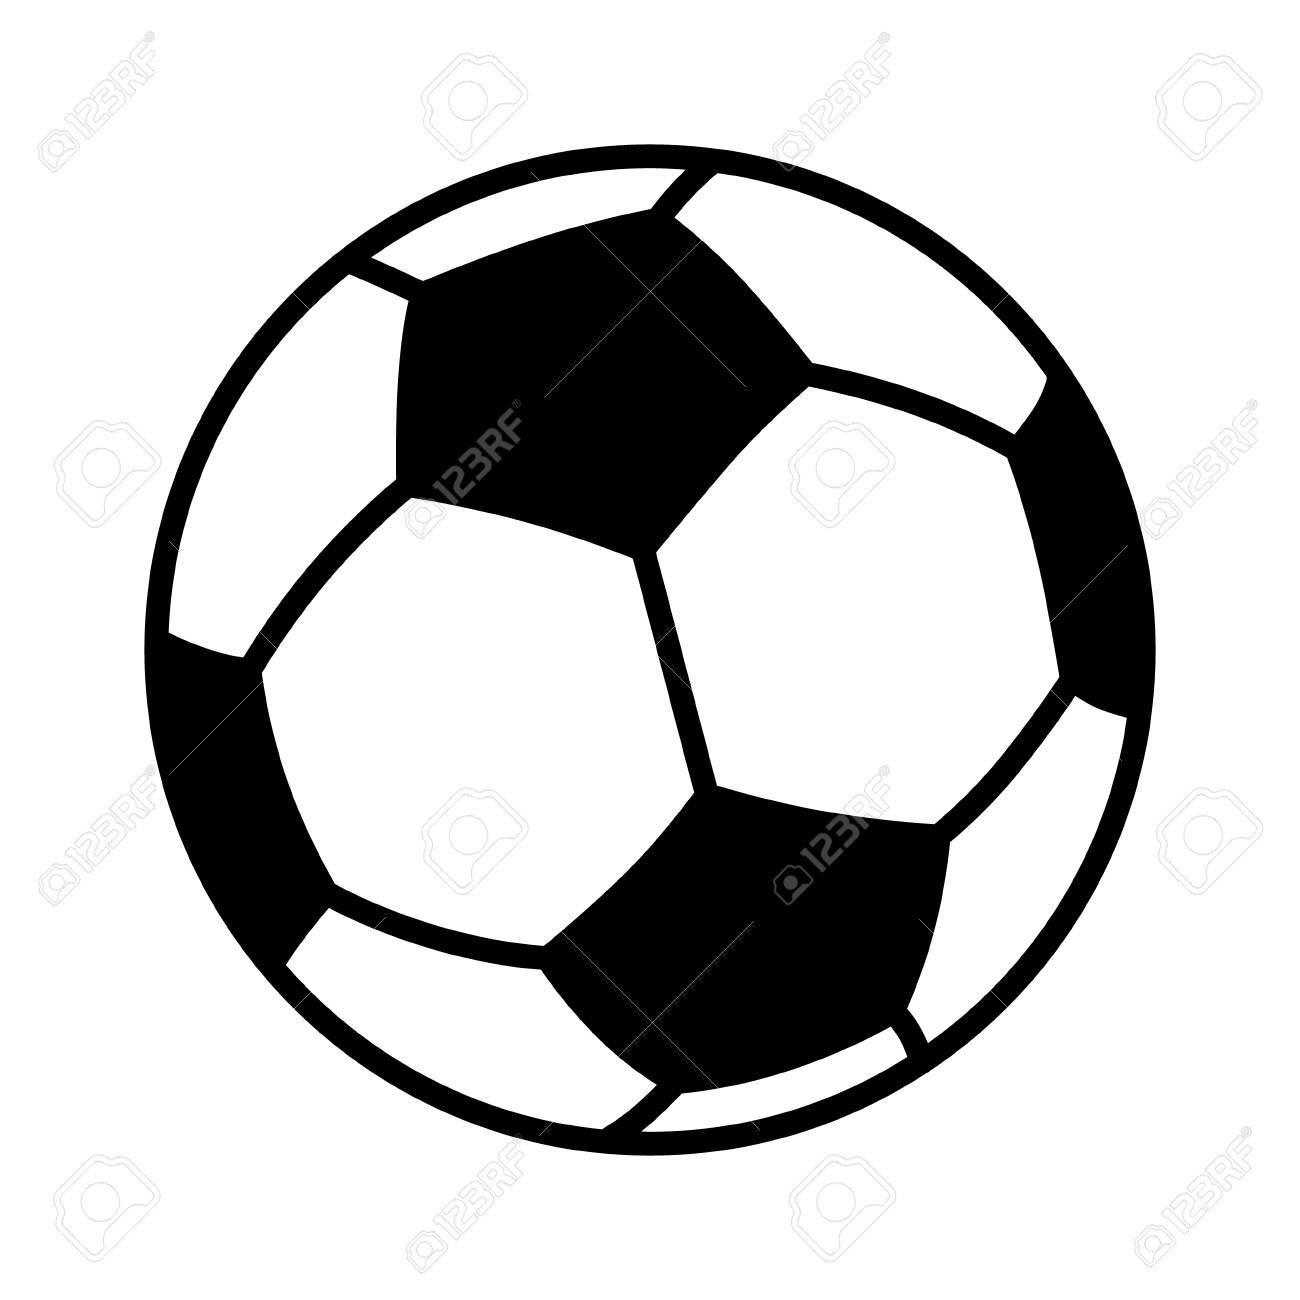 Balón de fútbol o fútbol icono de vector plano para aplicaciones de  deportes y sitios web 434d8d630b514